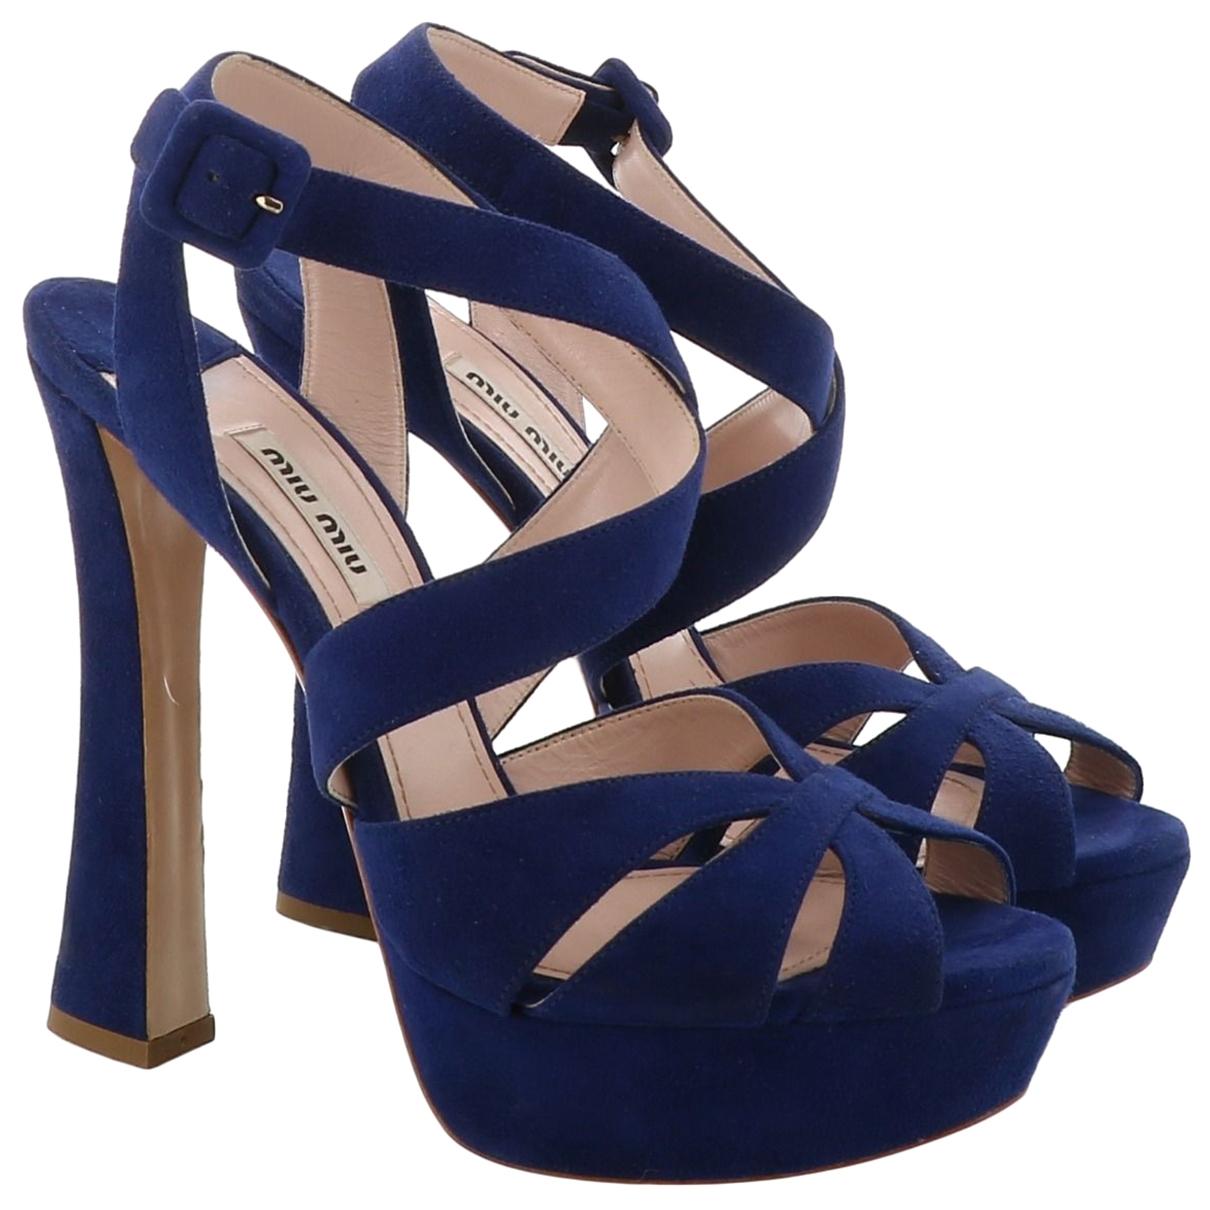 Miu Miu \N Blue Suede Sandals for Women 38 EU